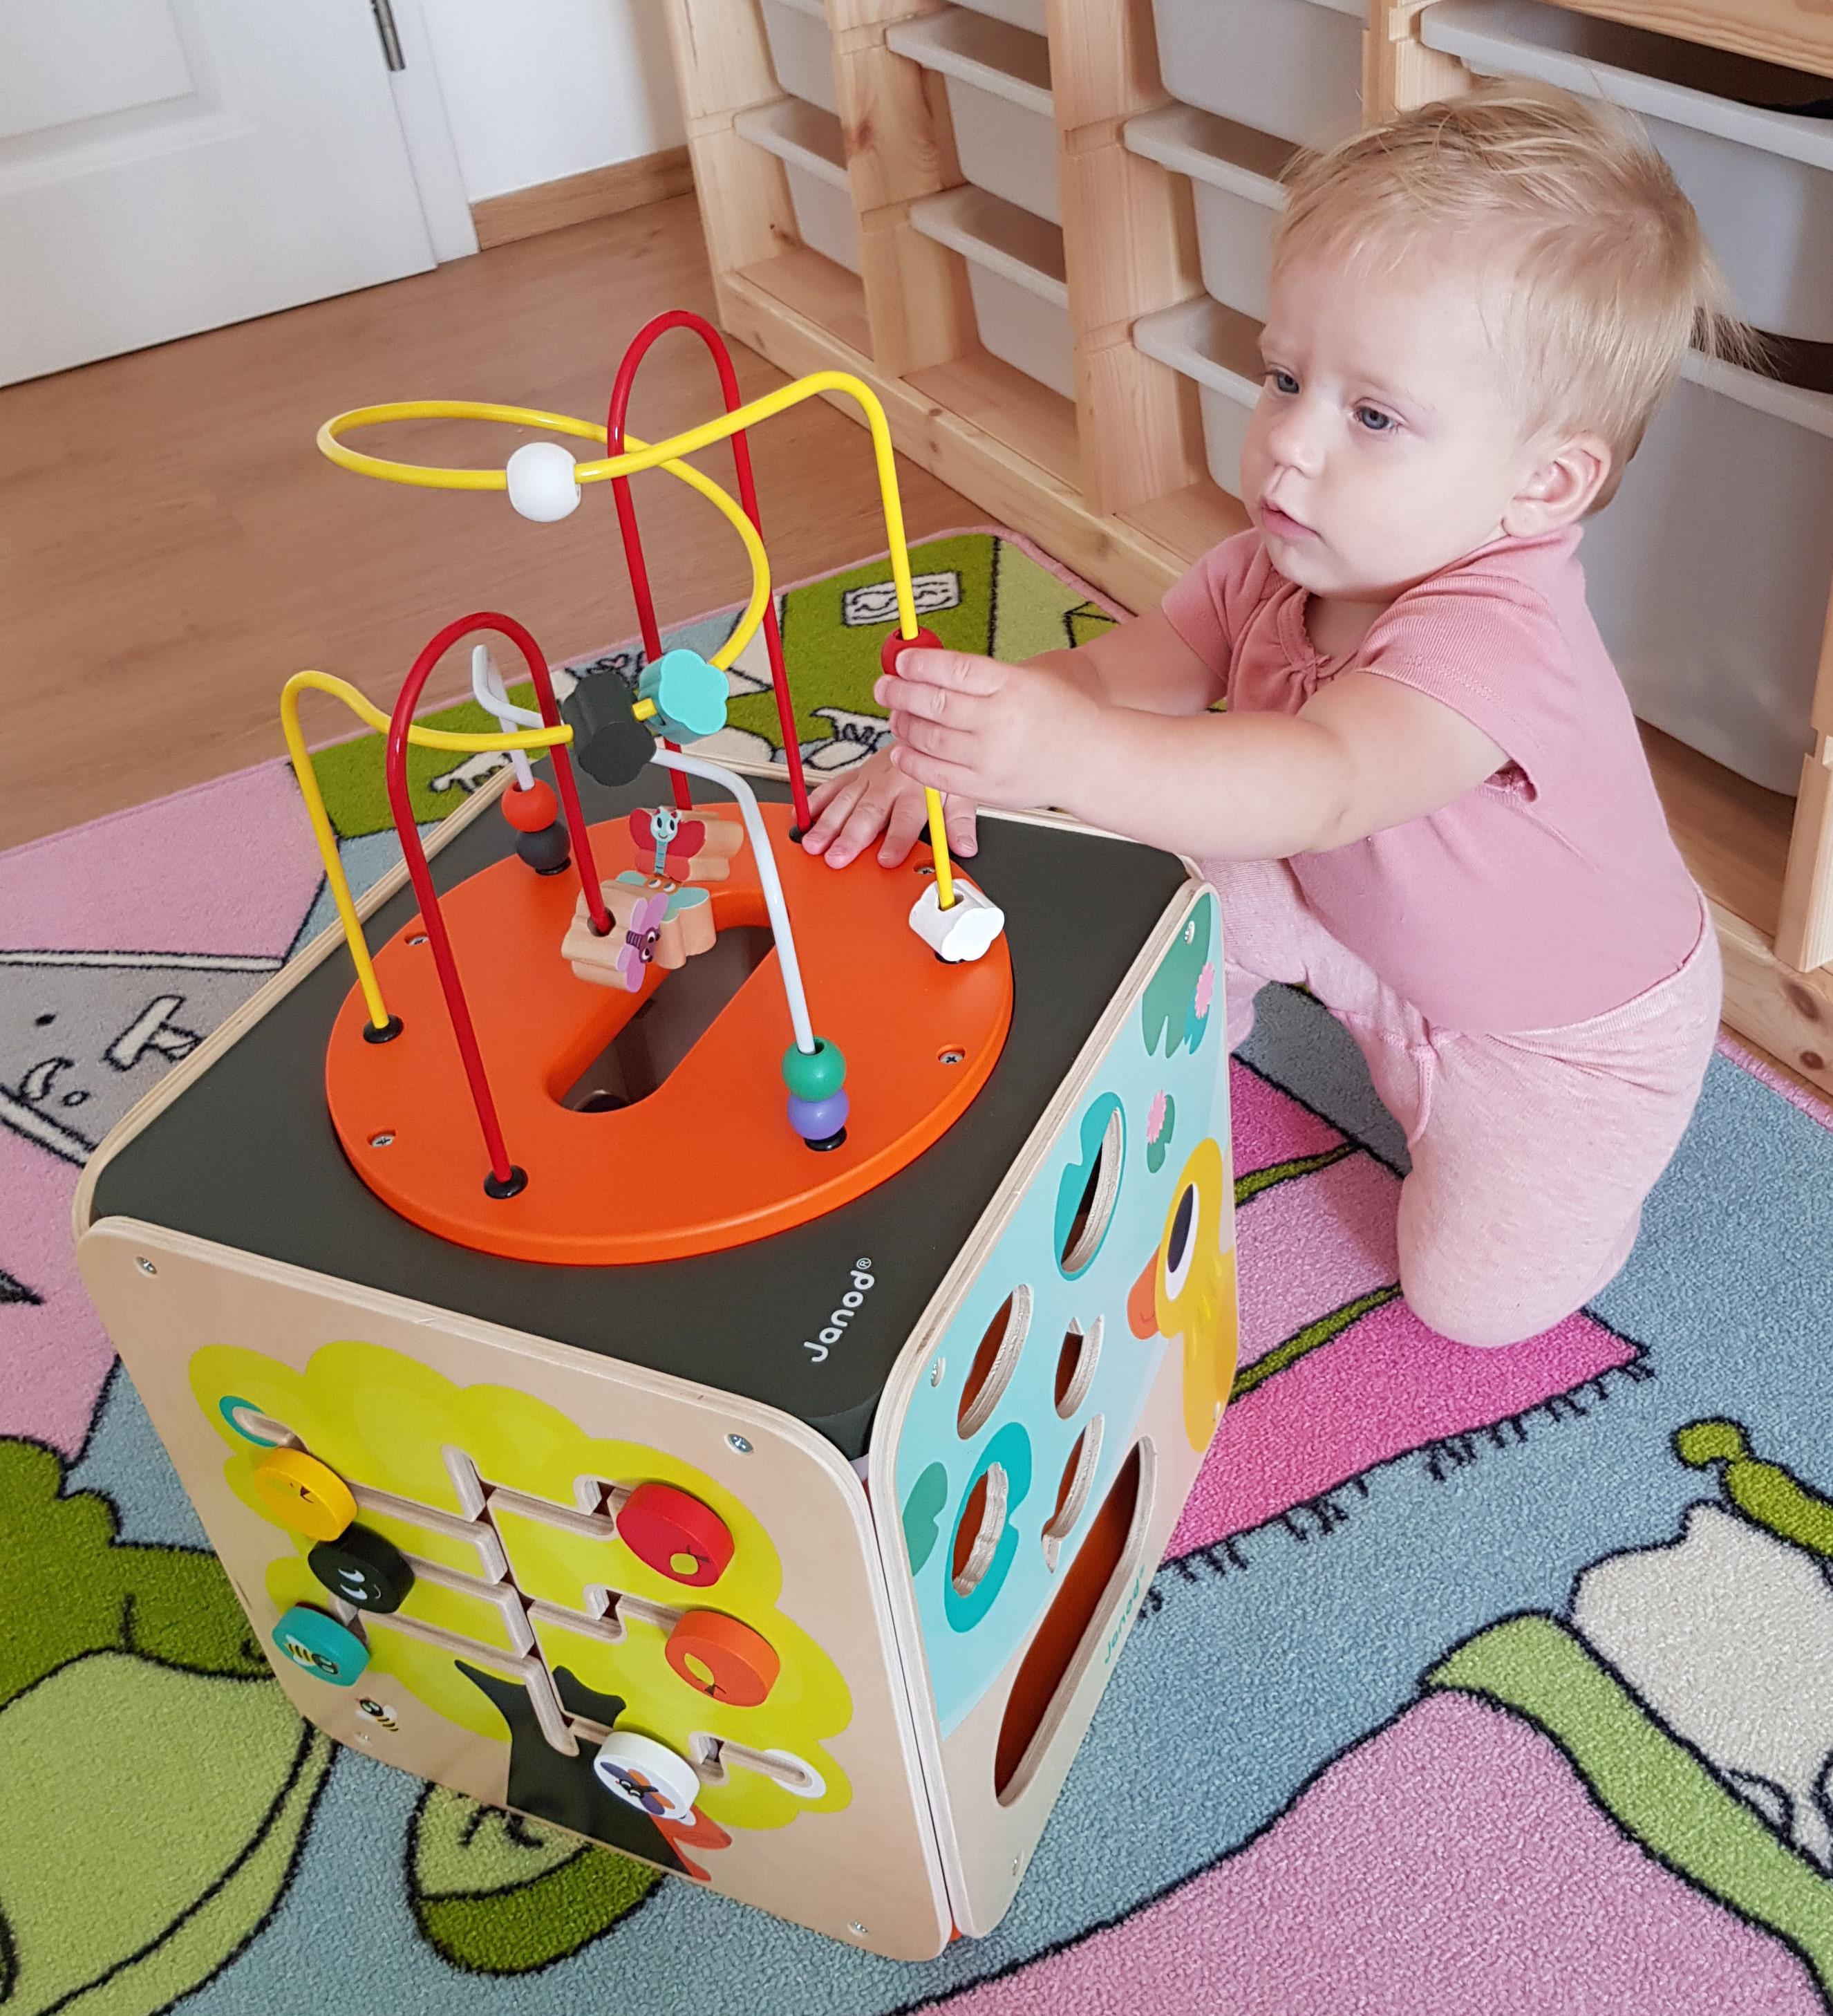 Dítě hrající si s dřevěnou didaktickou kostkou s labyrintem od Janod